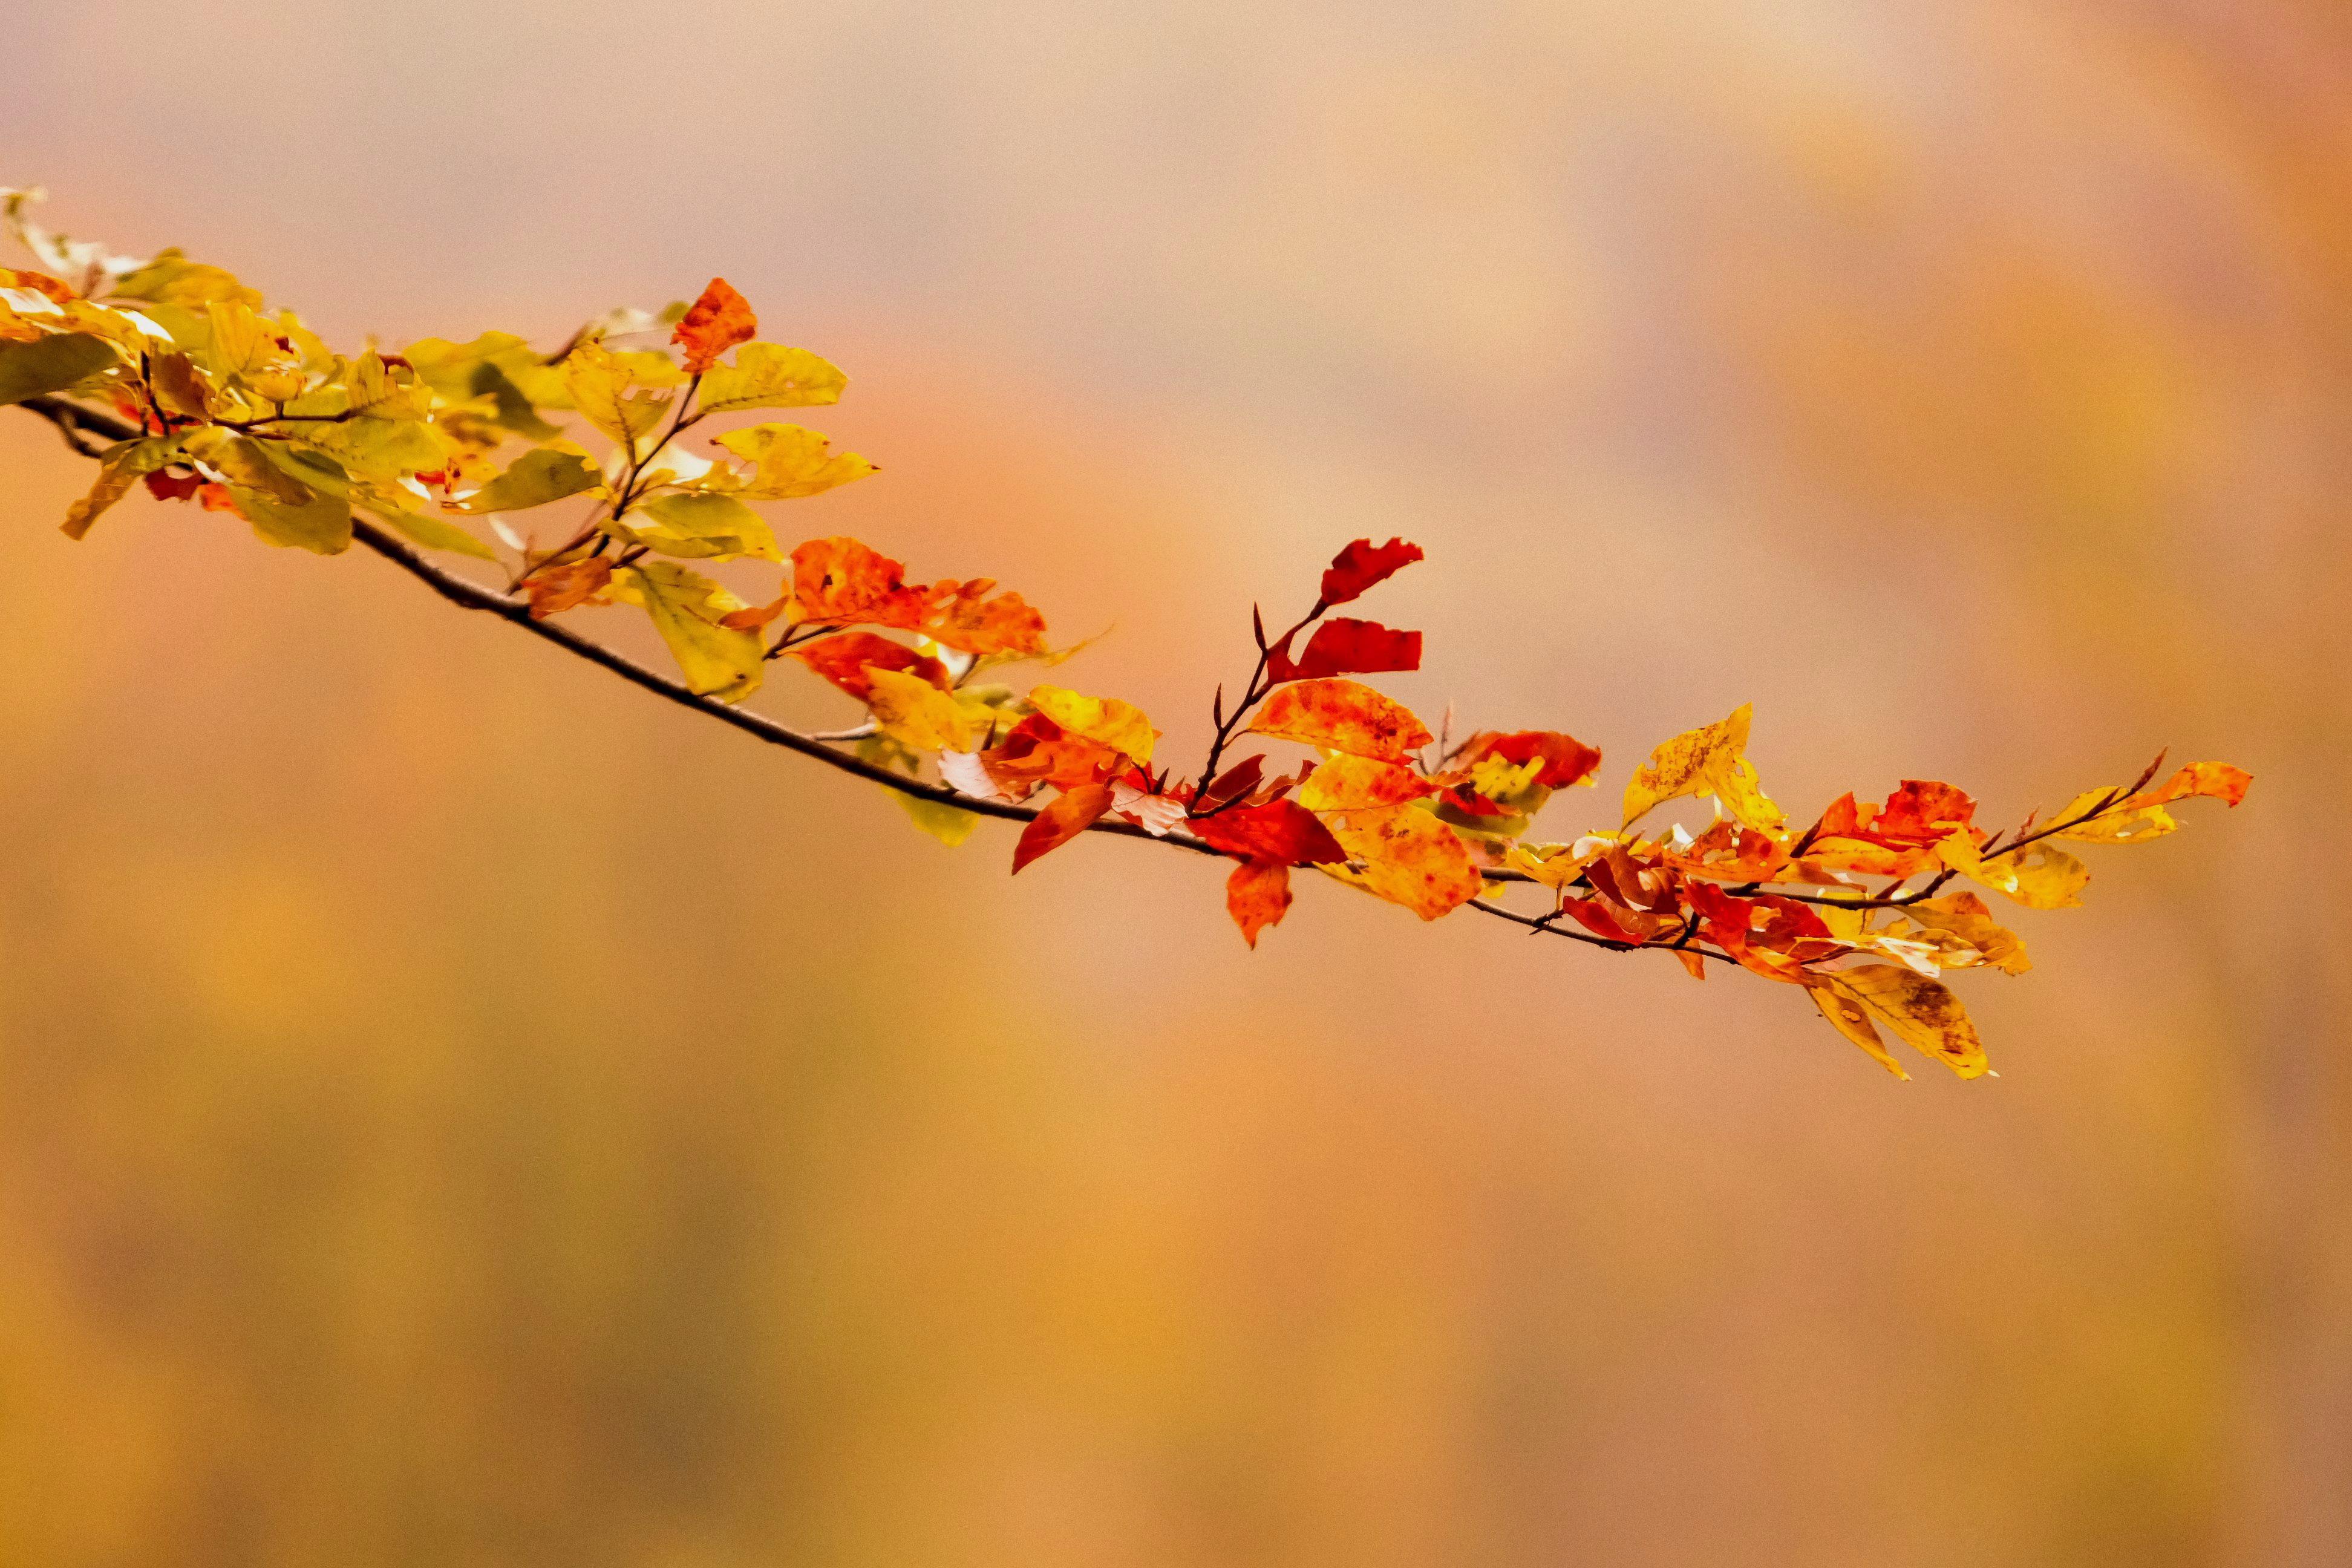 Egyre melegebb hazánkban a vénasszonyok nyara, emiatt eltűnhetnek az őszi sárgás-piros színek